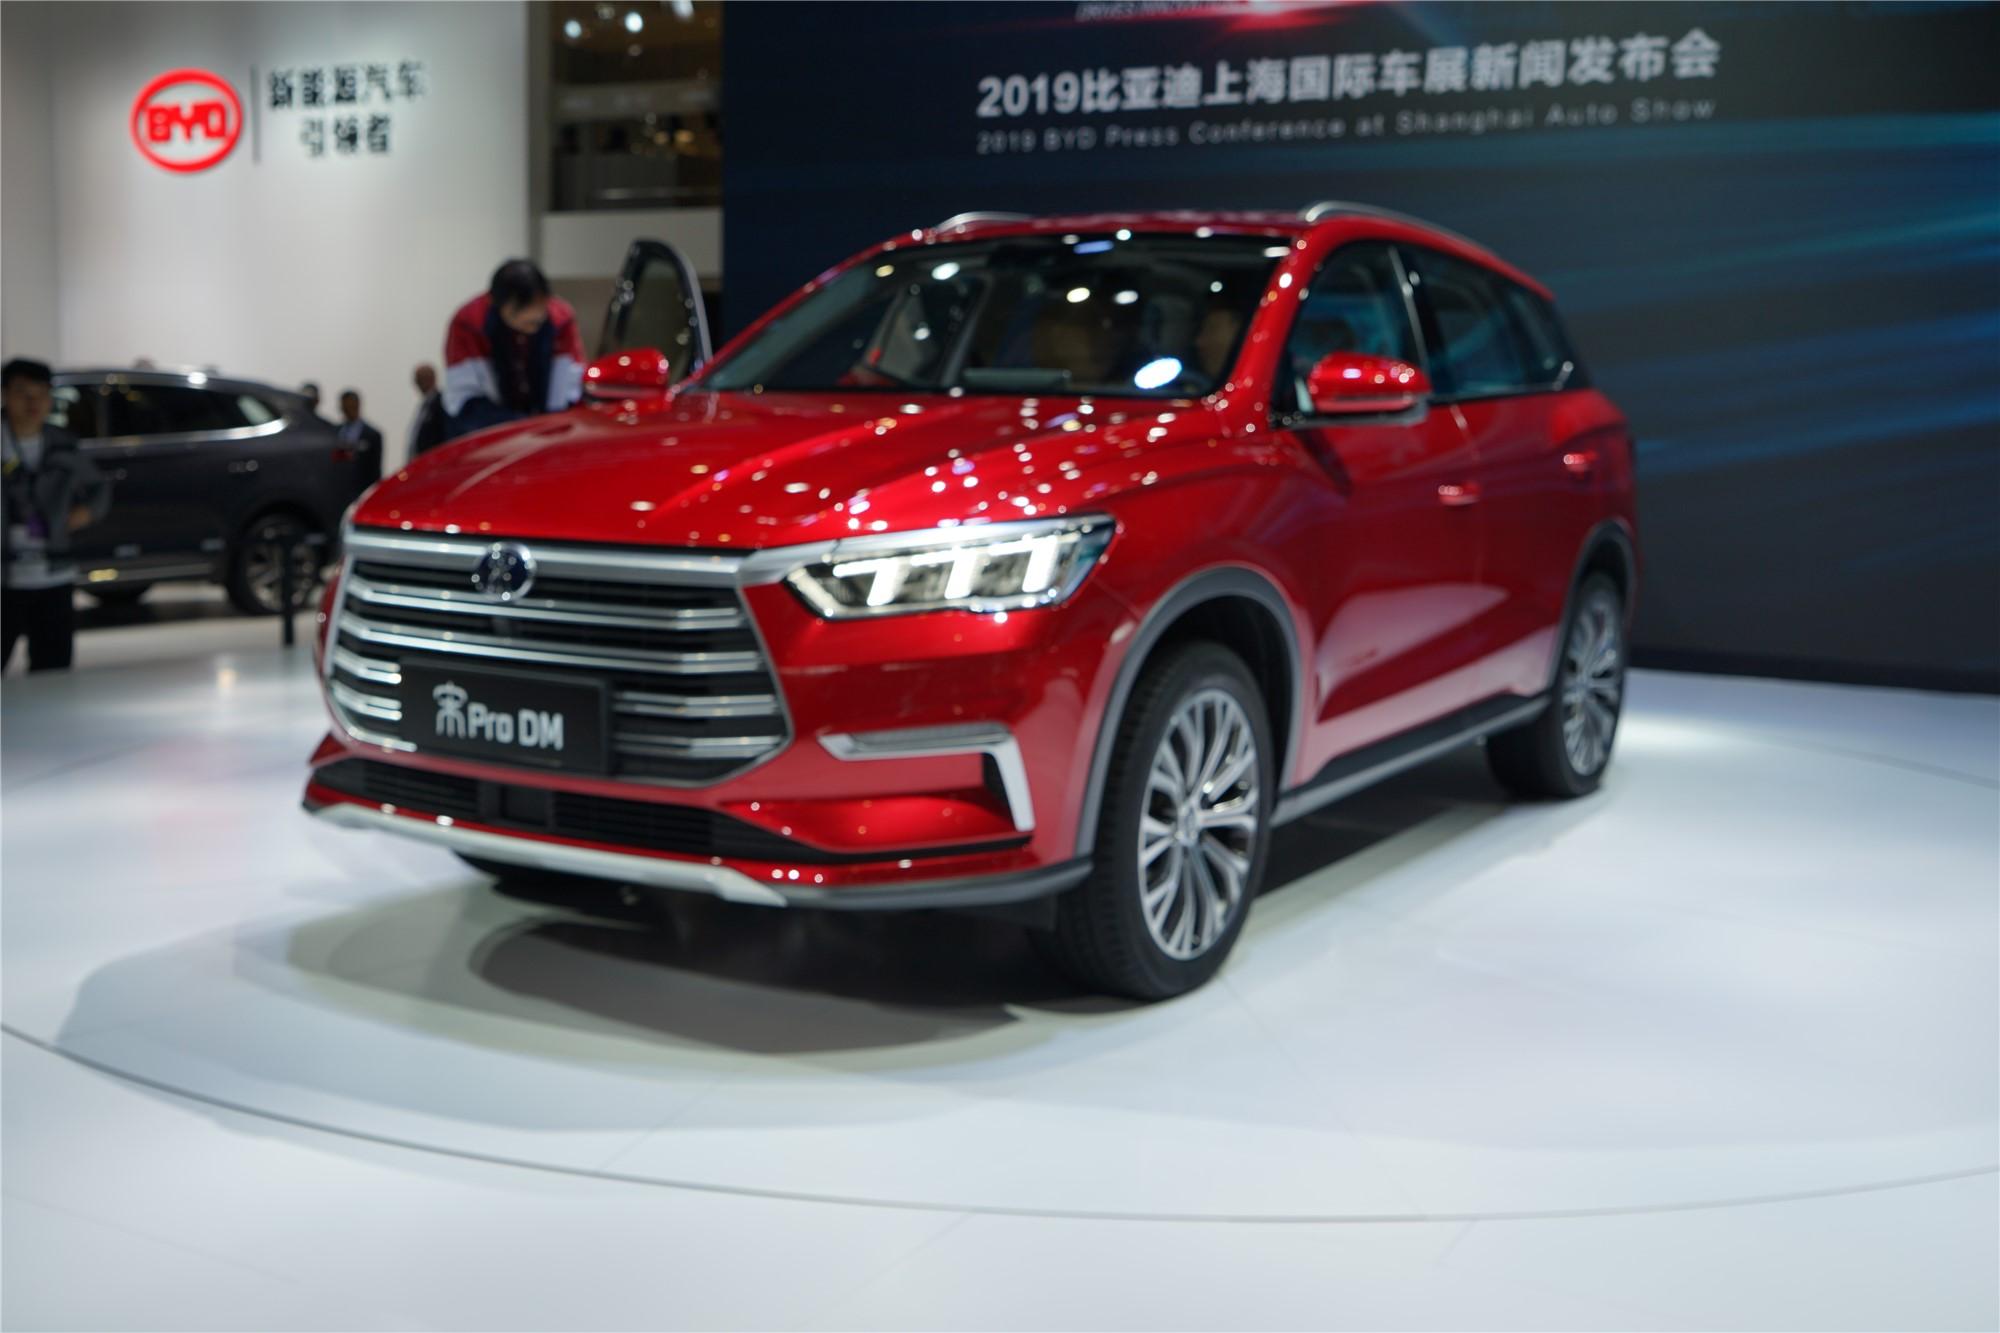 2019上海车展 | BNA 架构下首款 A+级SUV 比亚迪宋Pro DM亮相